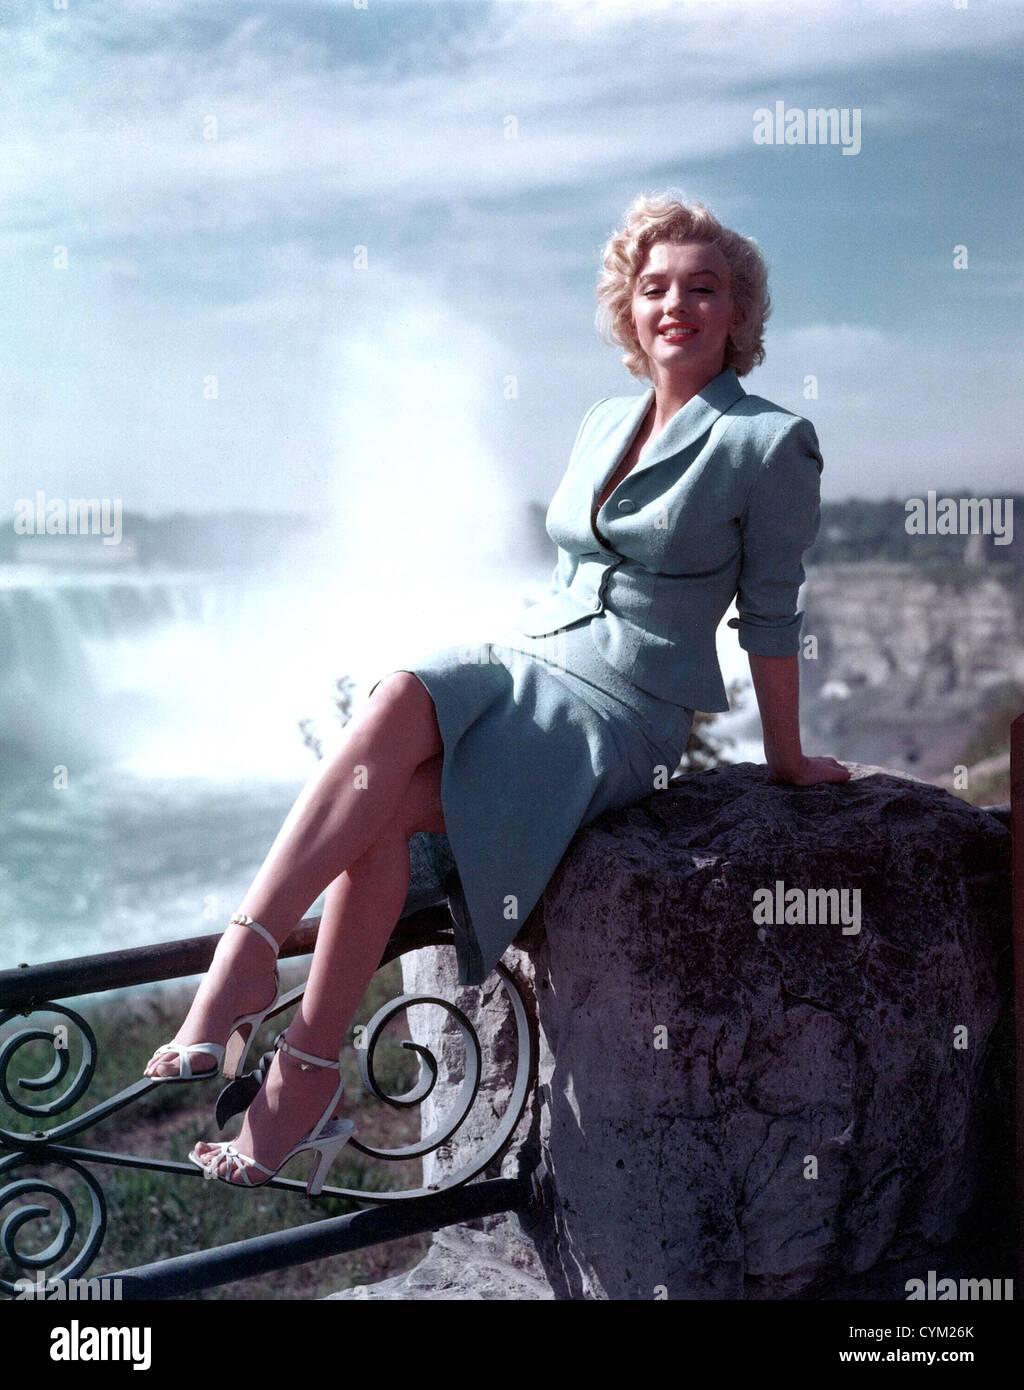 Marilyn Monroe Niagara 1953 Director: Henry Hathaway - Stock Image